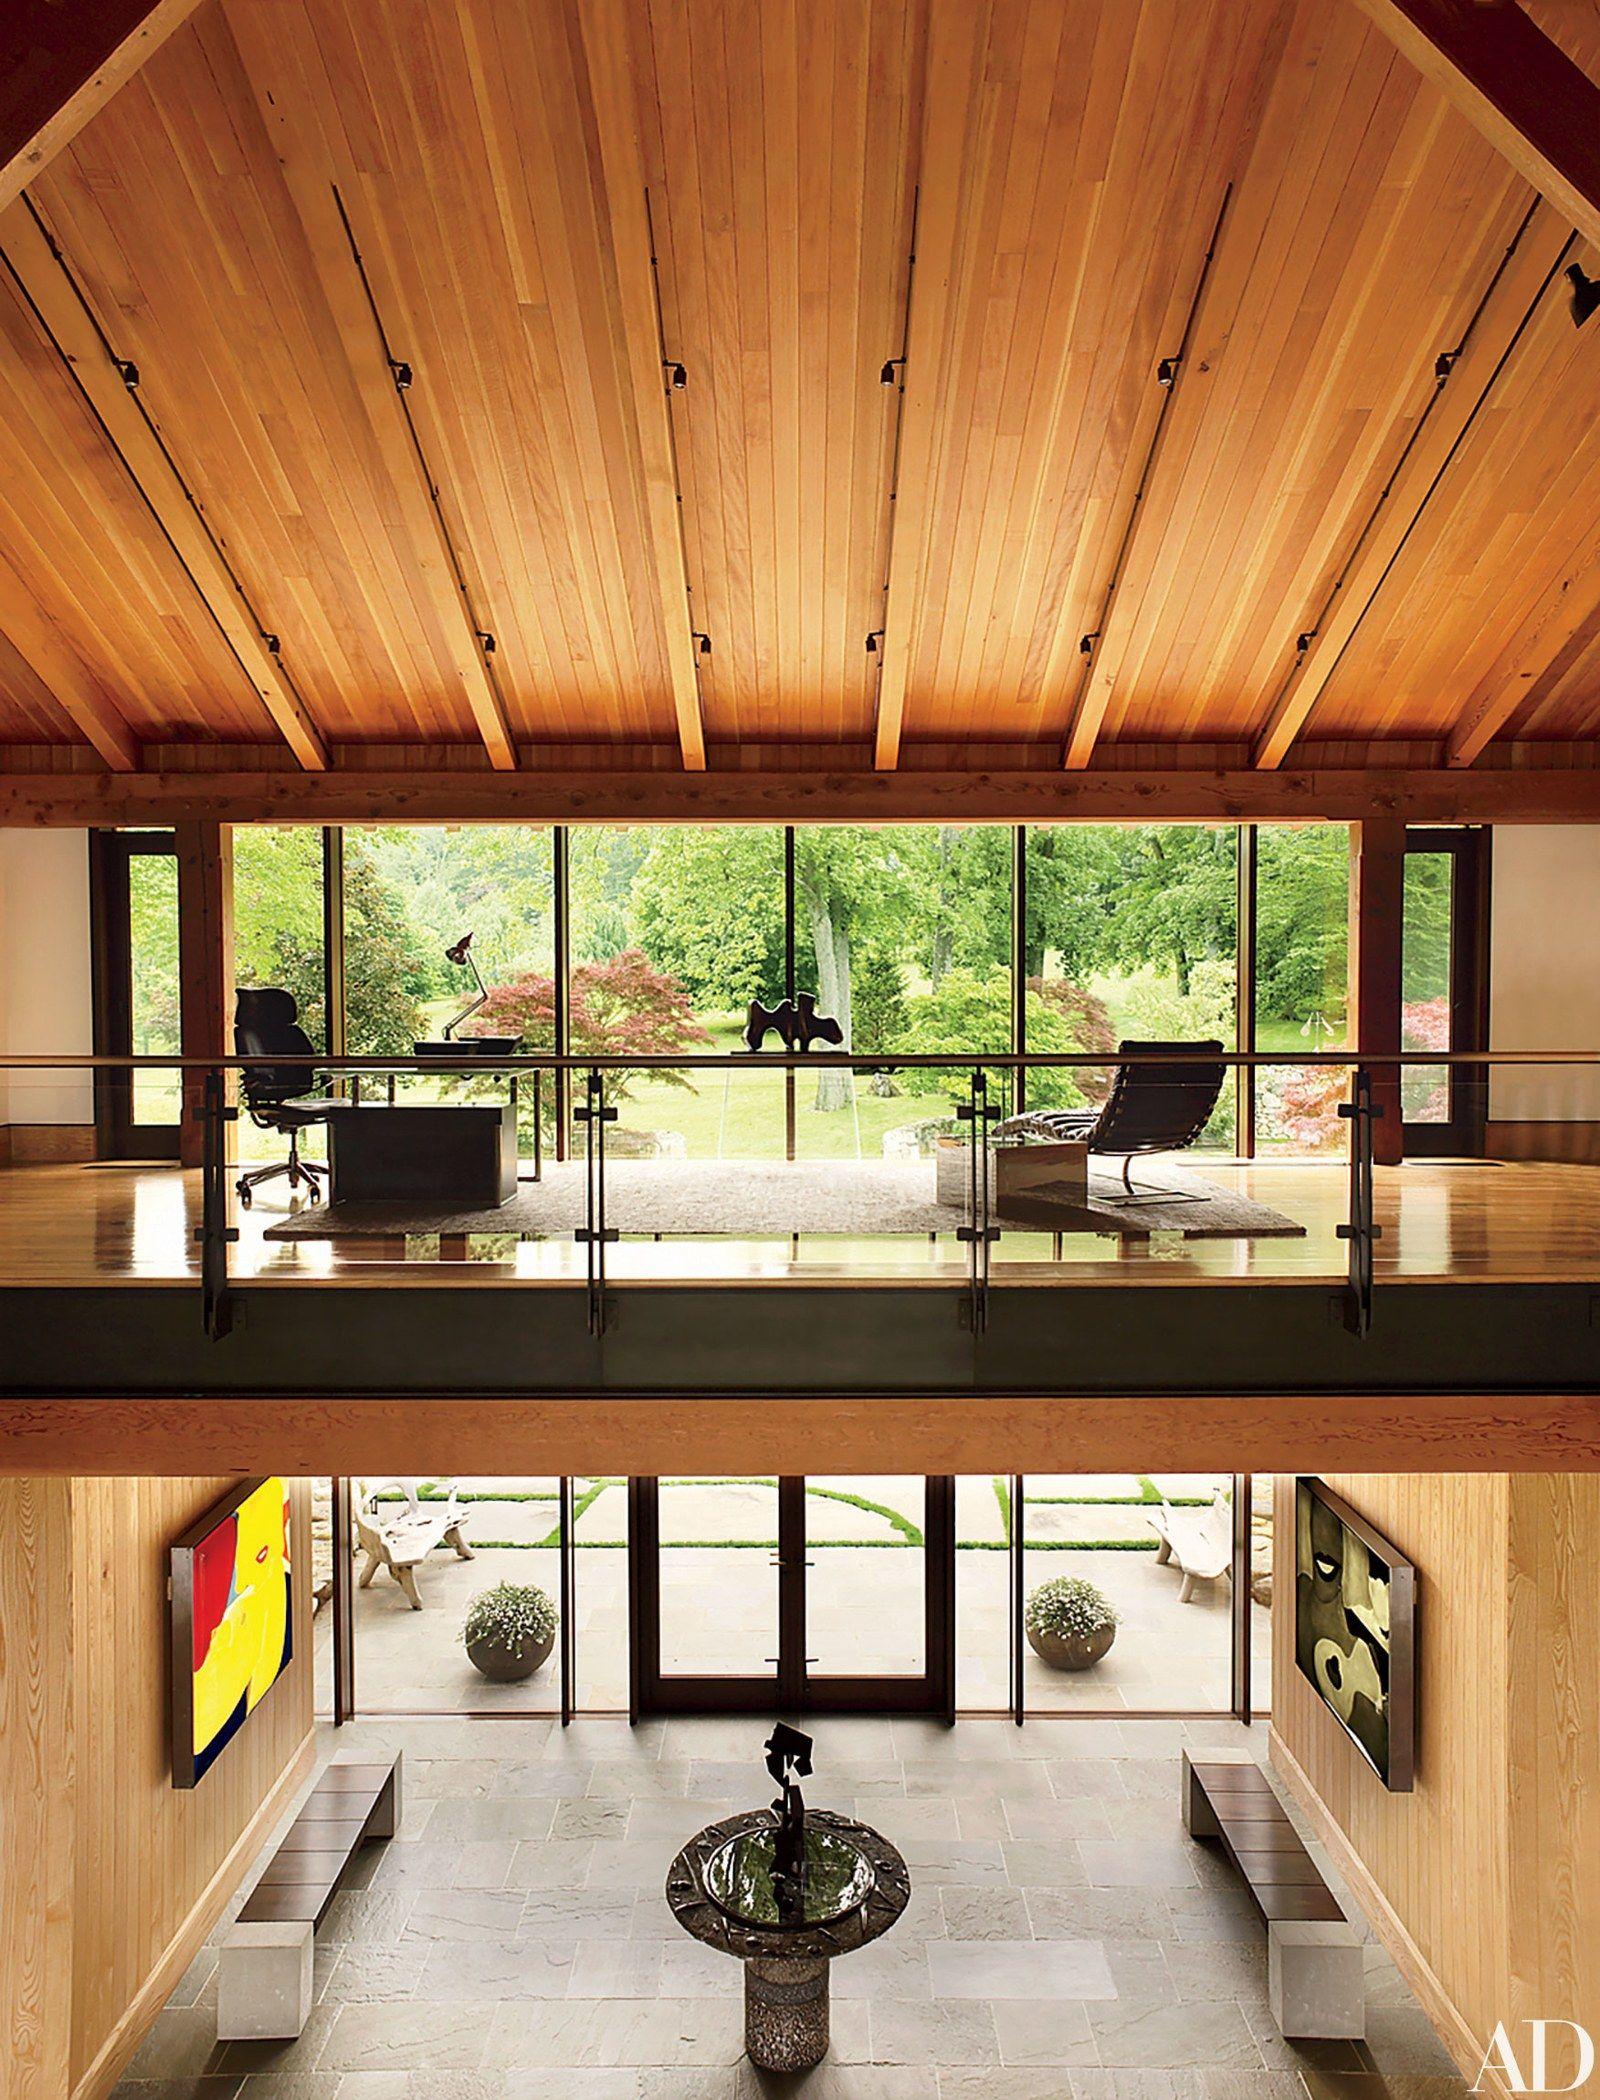 7 Ways to Create an Artful Mezzanine Floor   Architectural Digest